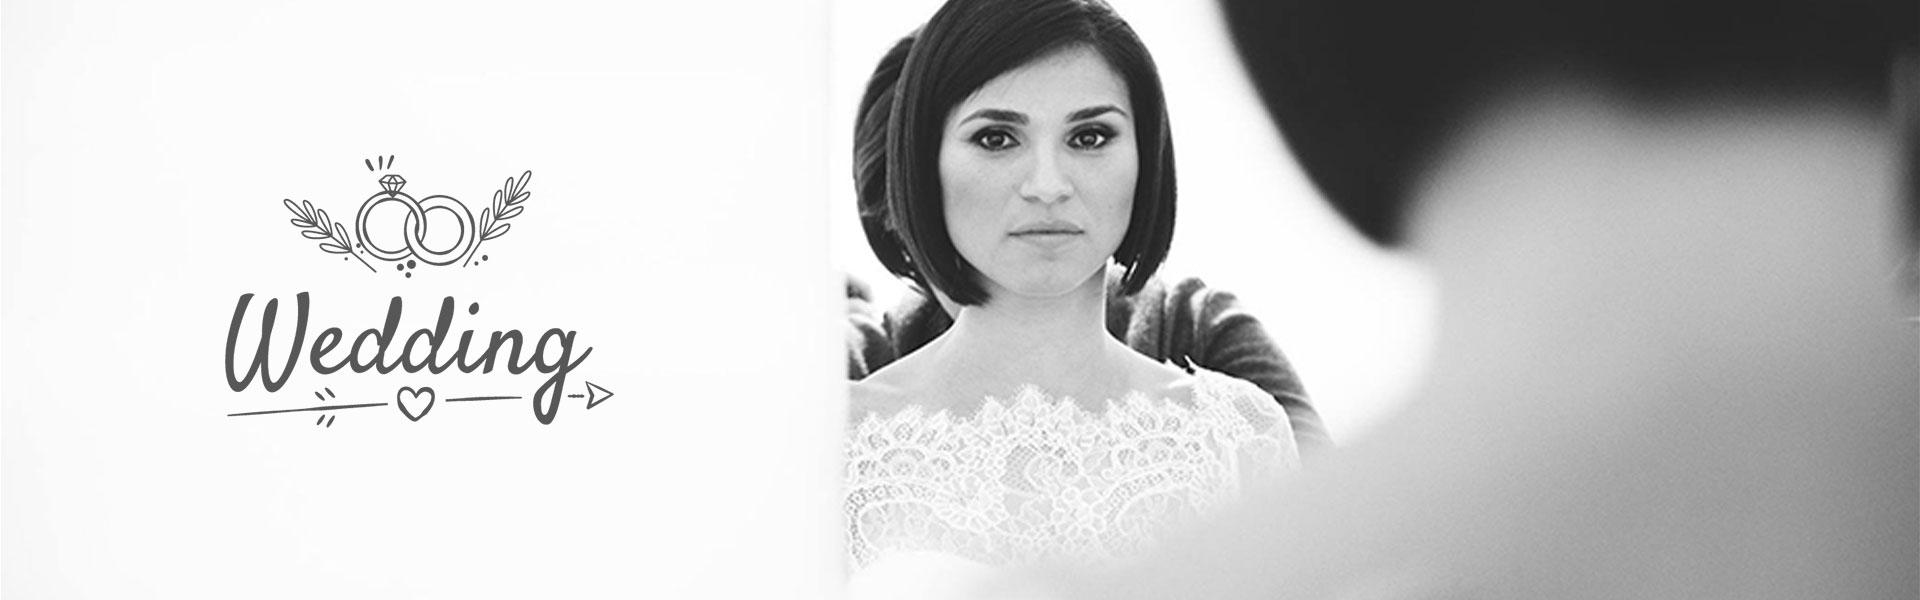 Maison Afrodite - Wedding - Pacchetti, news e video dedicati al tuo matrimonio